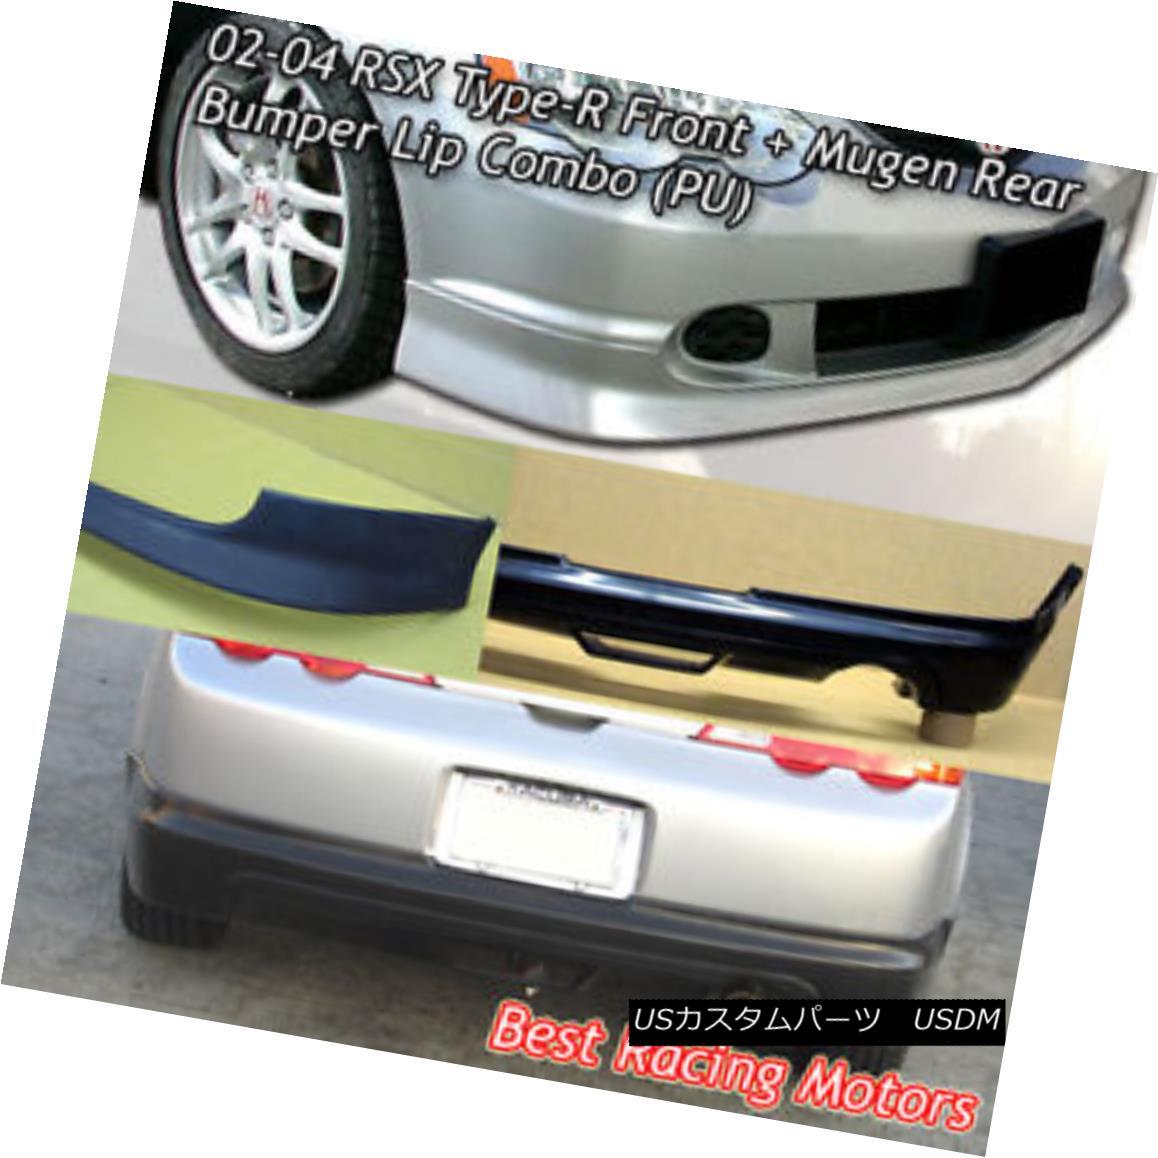 エアロパーツ TR Style Front + Mu-gen Style Rear Bumper Lip (Urethane) Fit 02-04 Acura RSX 2dr TRスタイルフロント+ムーゲンスタイルリアバンパーリップ(ウレタン)フィット02-04アキュラRSX 2dr